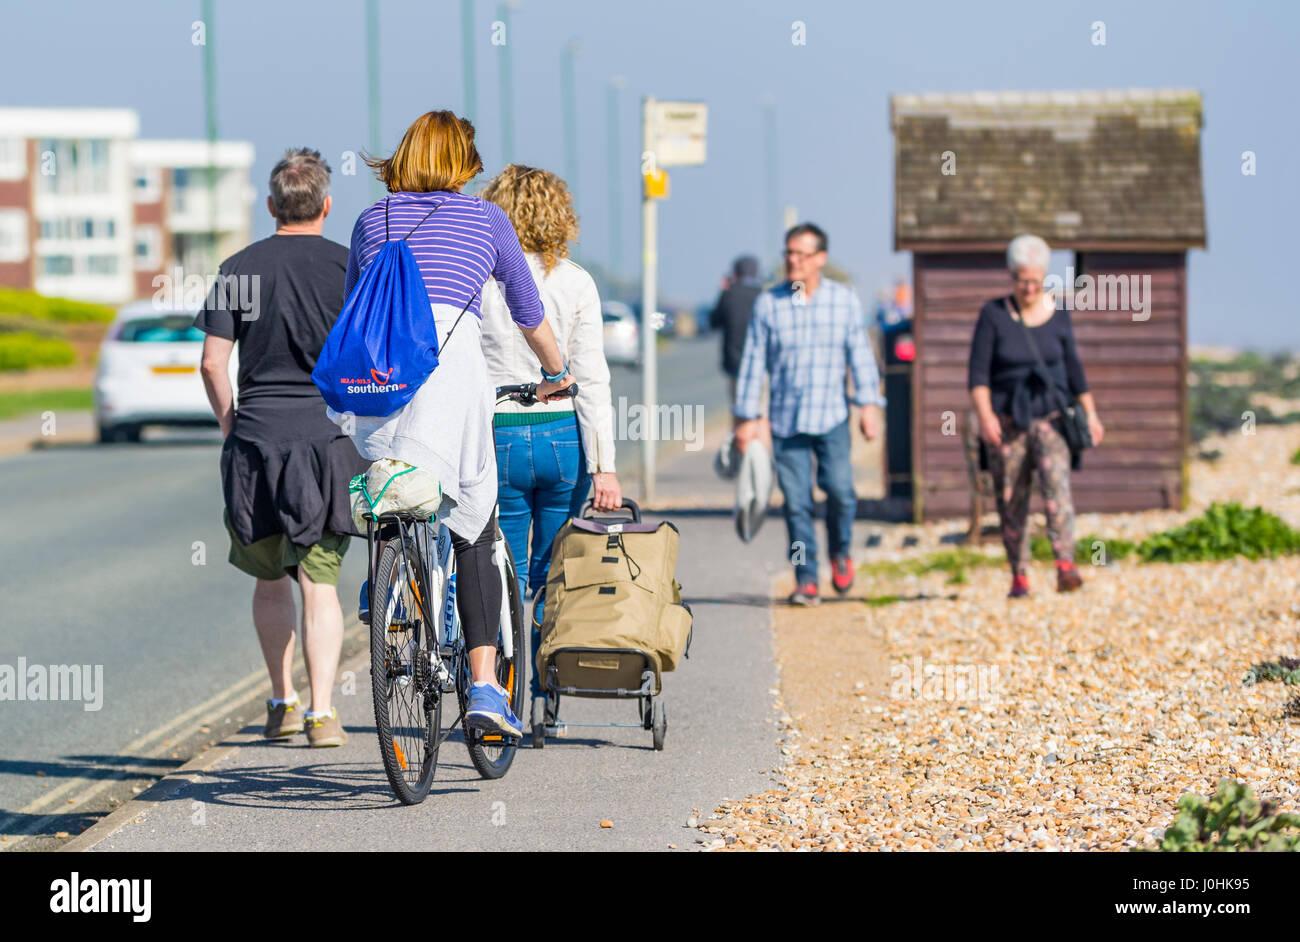 Ciclista su un marciapiede essendo bloccato da persone a piedi. Immagini Stock